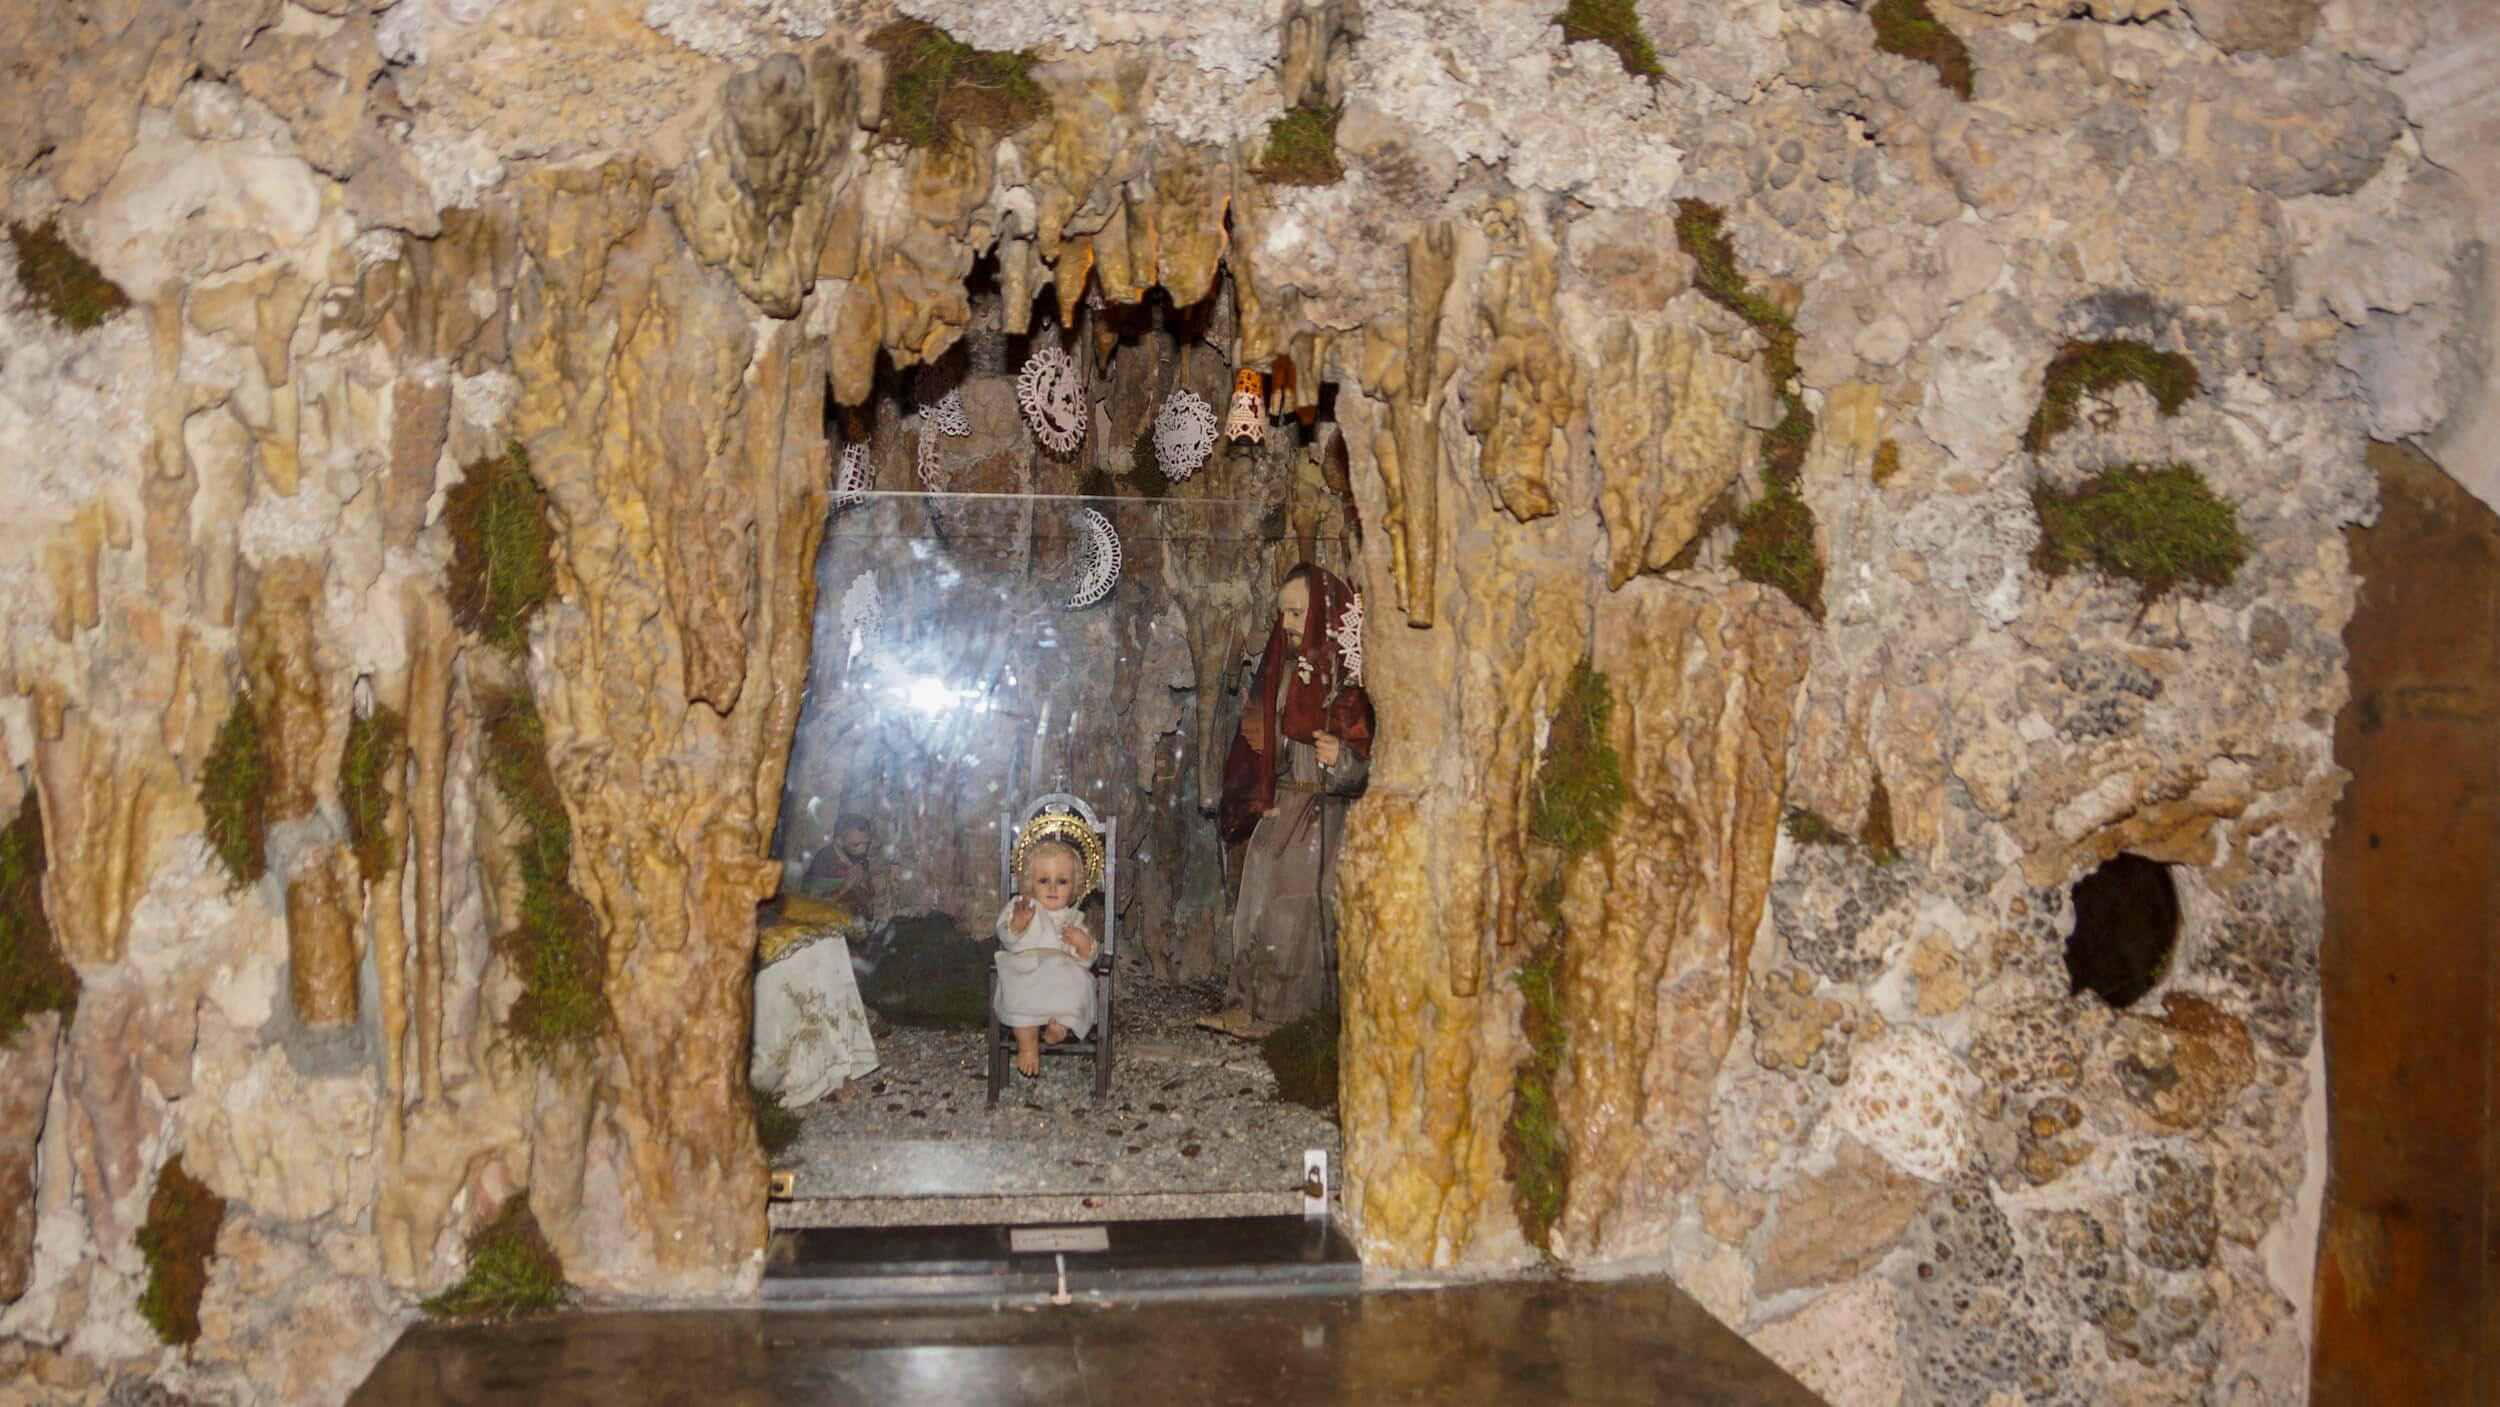 höhlen darstellung krippe